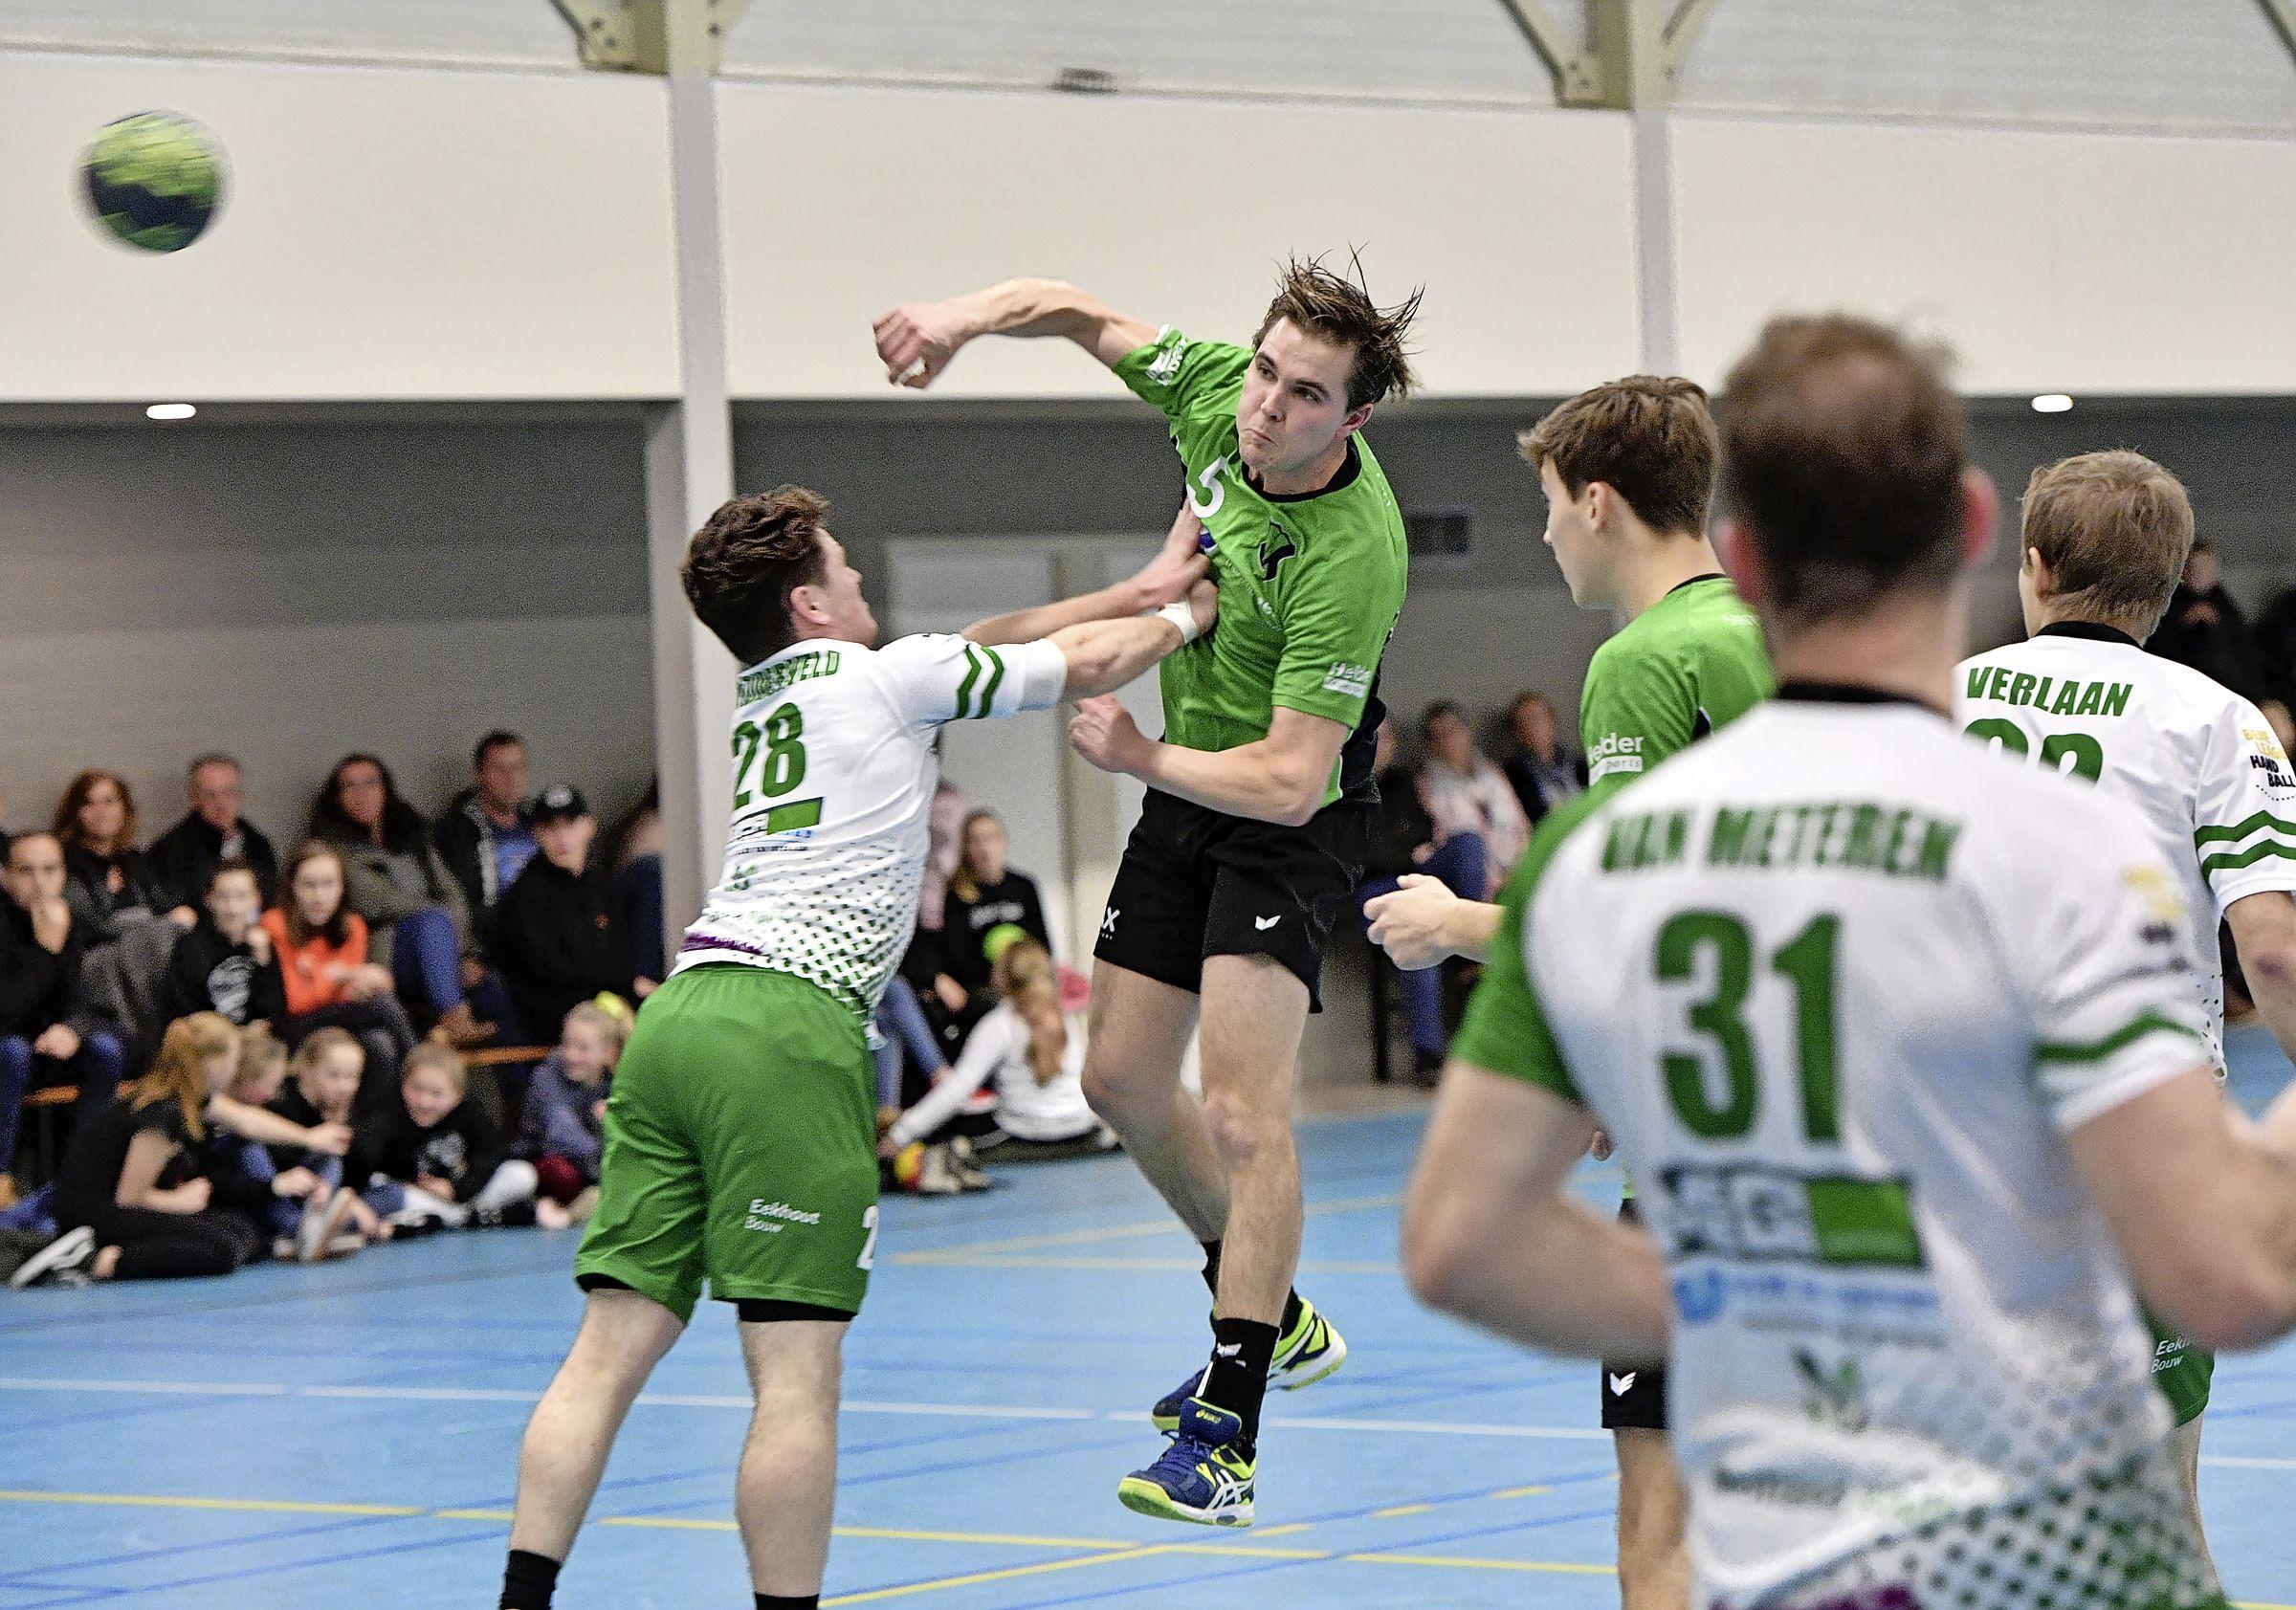 Bergense handballer Jos Kenter geeft de voorkeur aan een makkelijke overwinning boven een nipte zege in de laatste minuut: 'Iedereen krijgt speeltijd en de sfeer is beter'